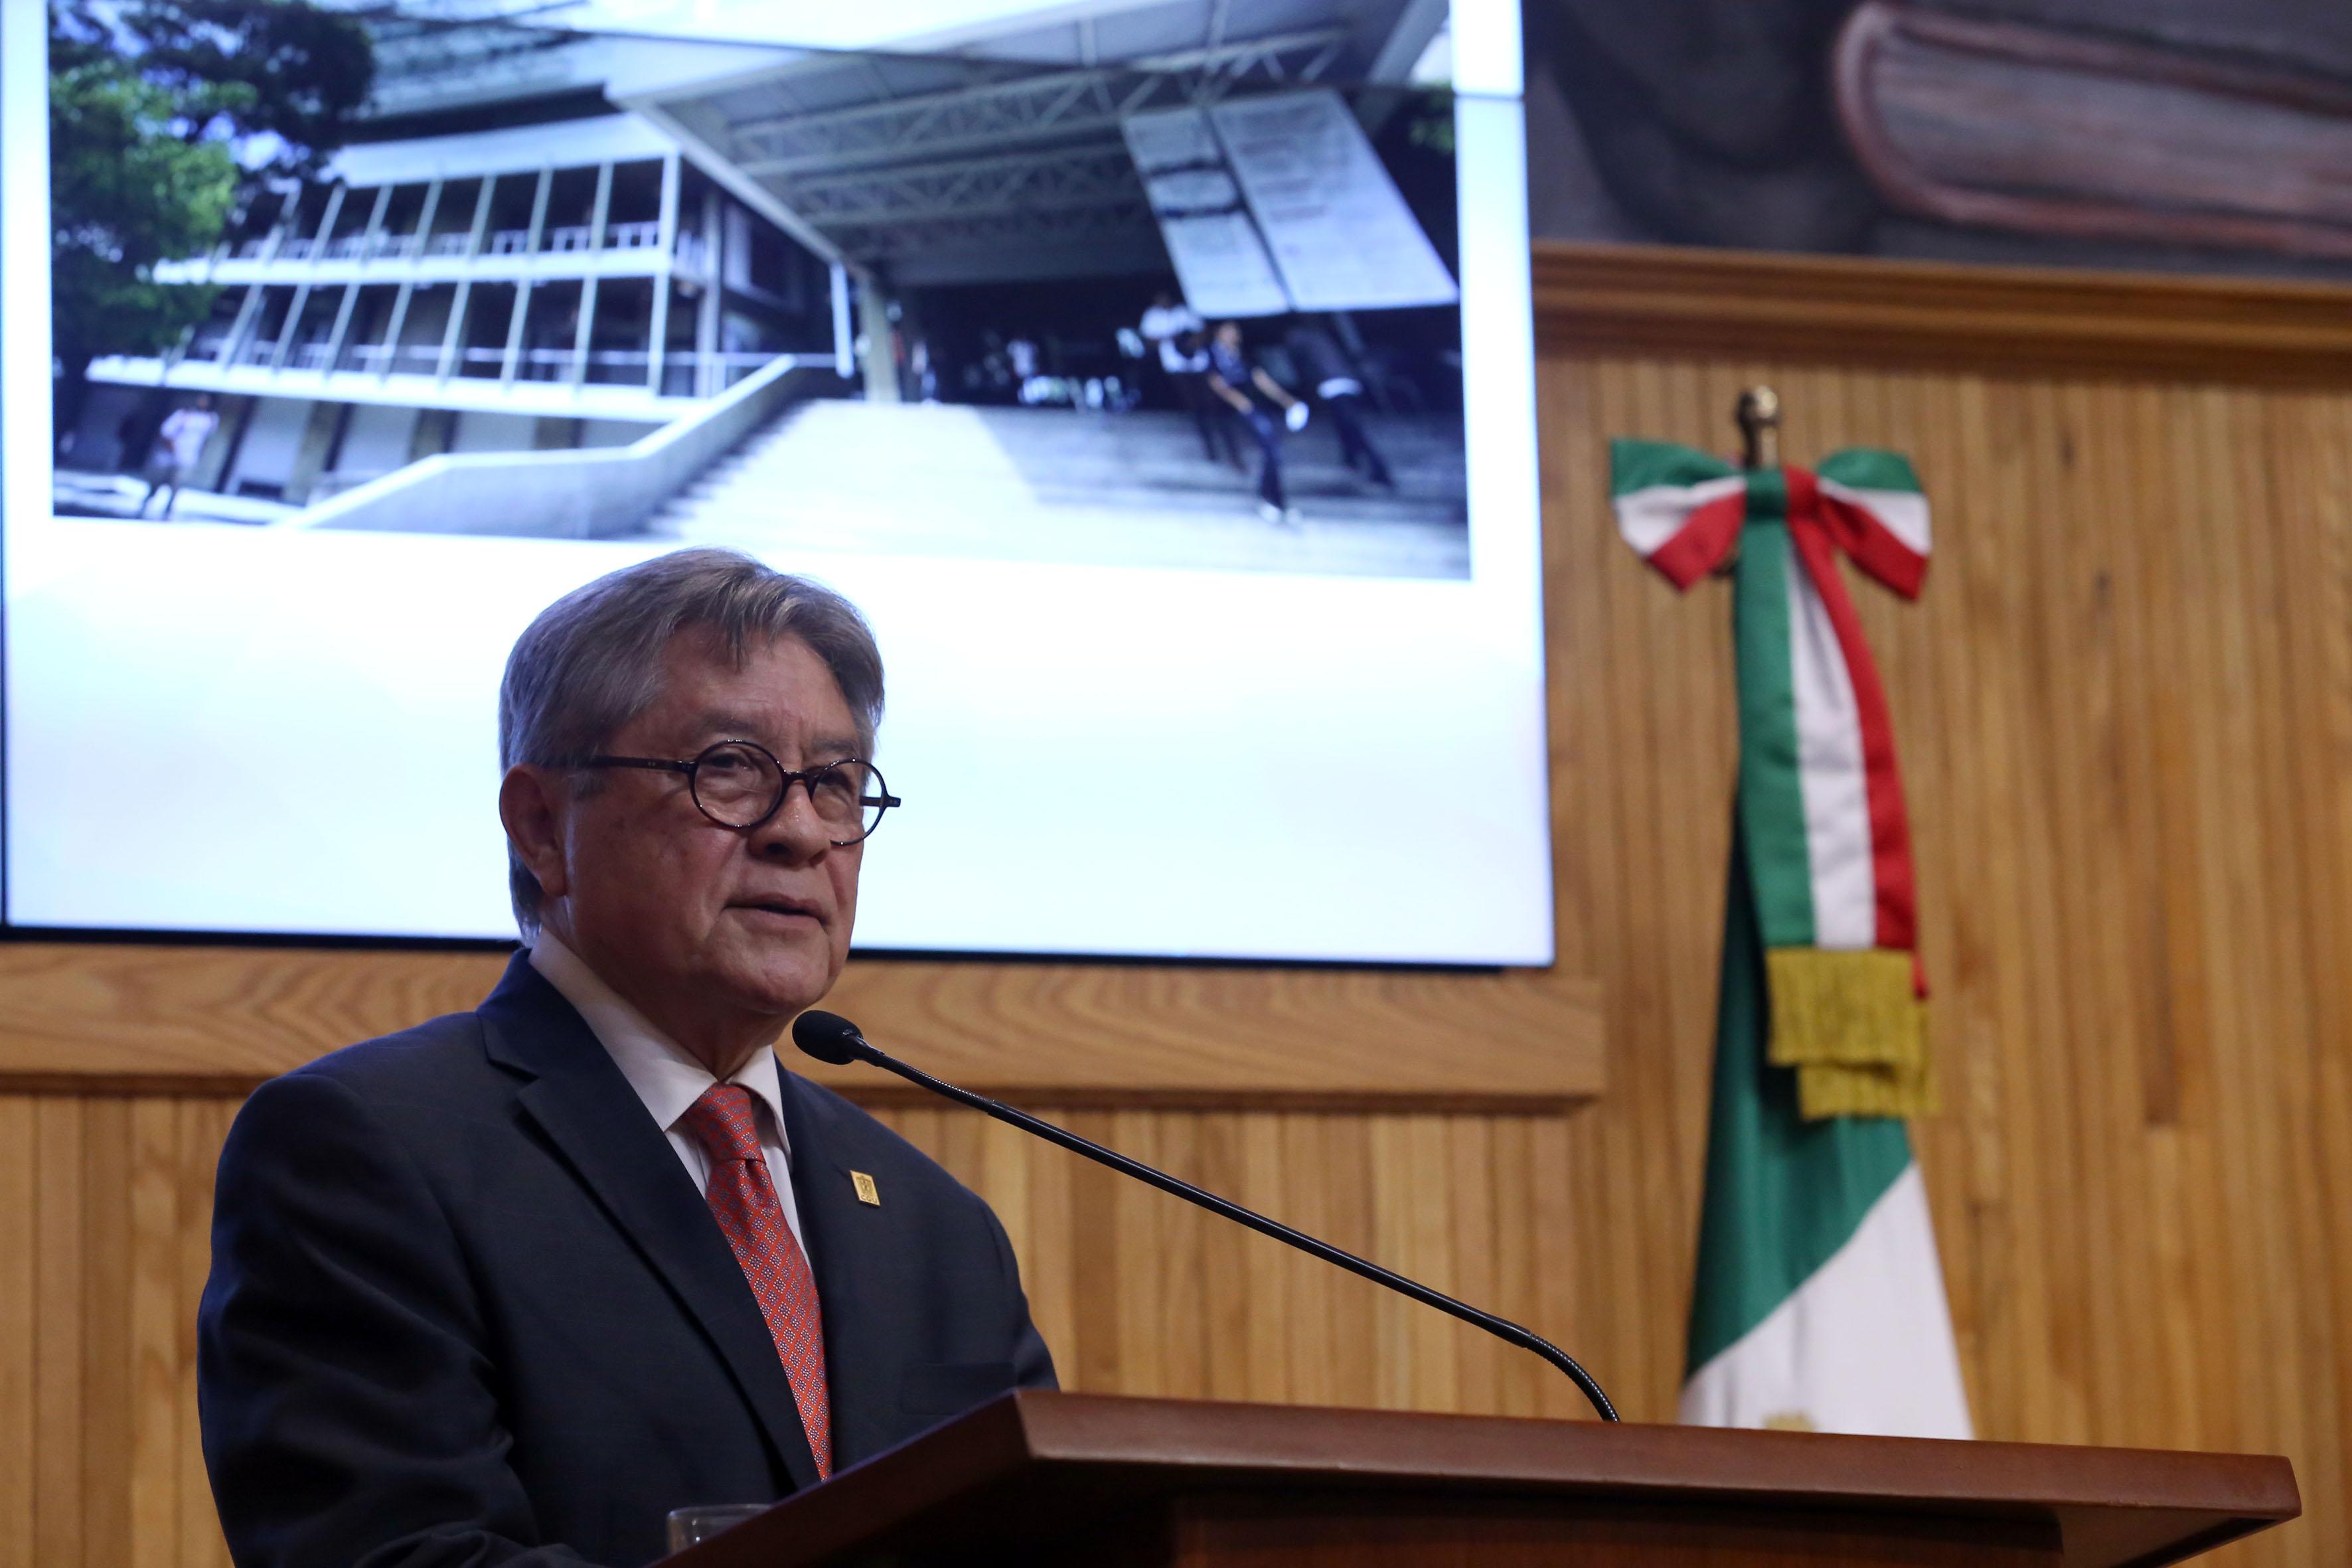 Director del Centro de Investigación del Medio Ambiente y Ordenación Territorial (Cima), doctor Daniel González Romero, haciendo uso de la palabra